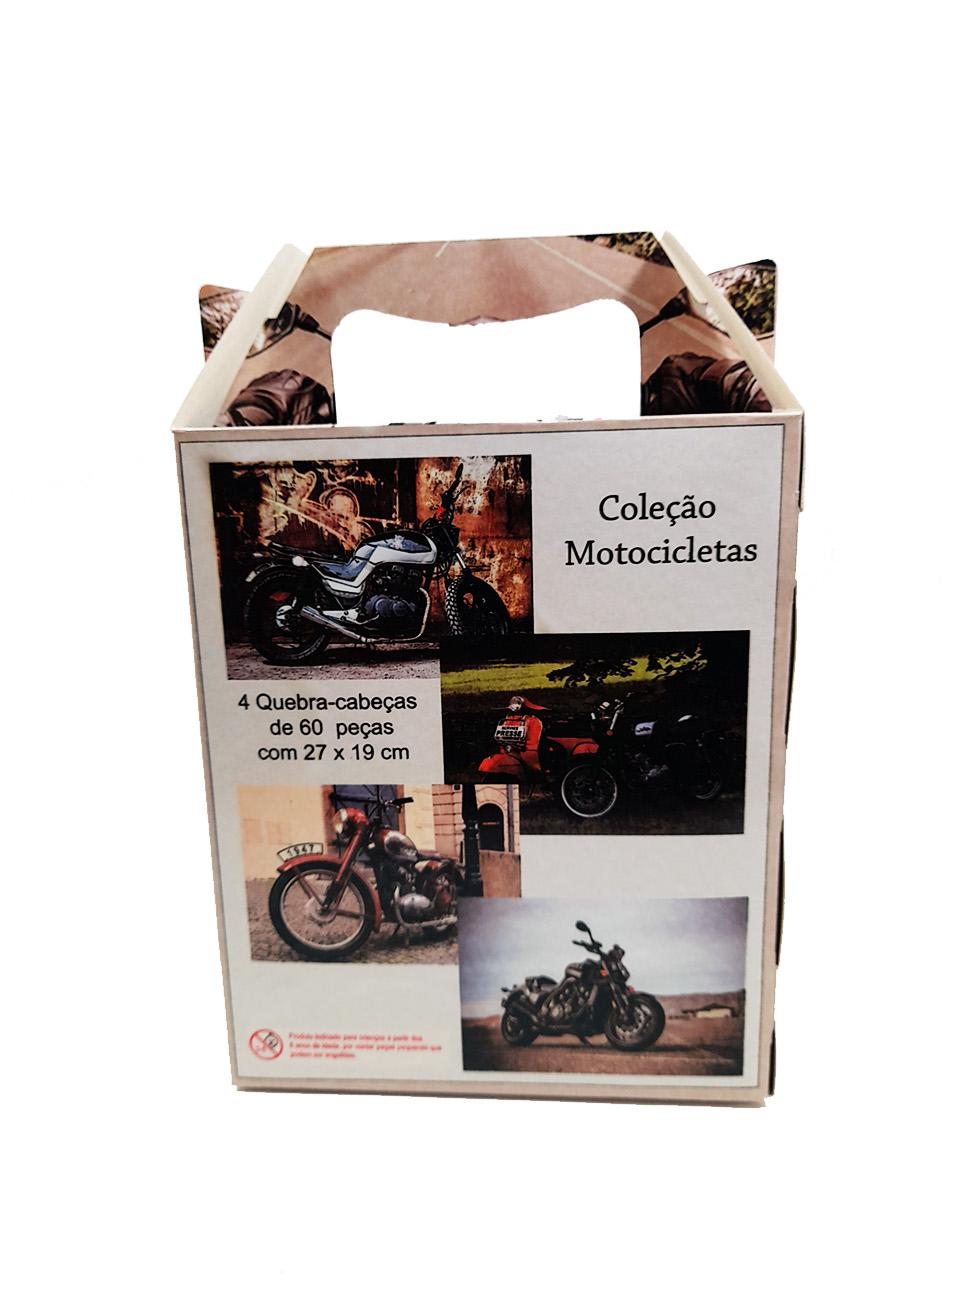 4 Quebra-Cabeça Cognitivo Reabilitação para Idosos - Motocicletas de 24, 48 ou 60 peças